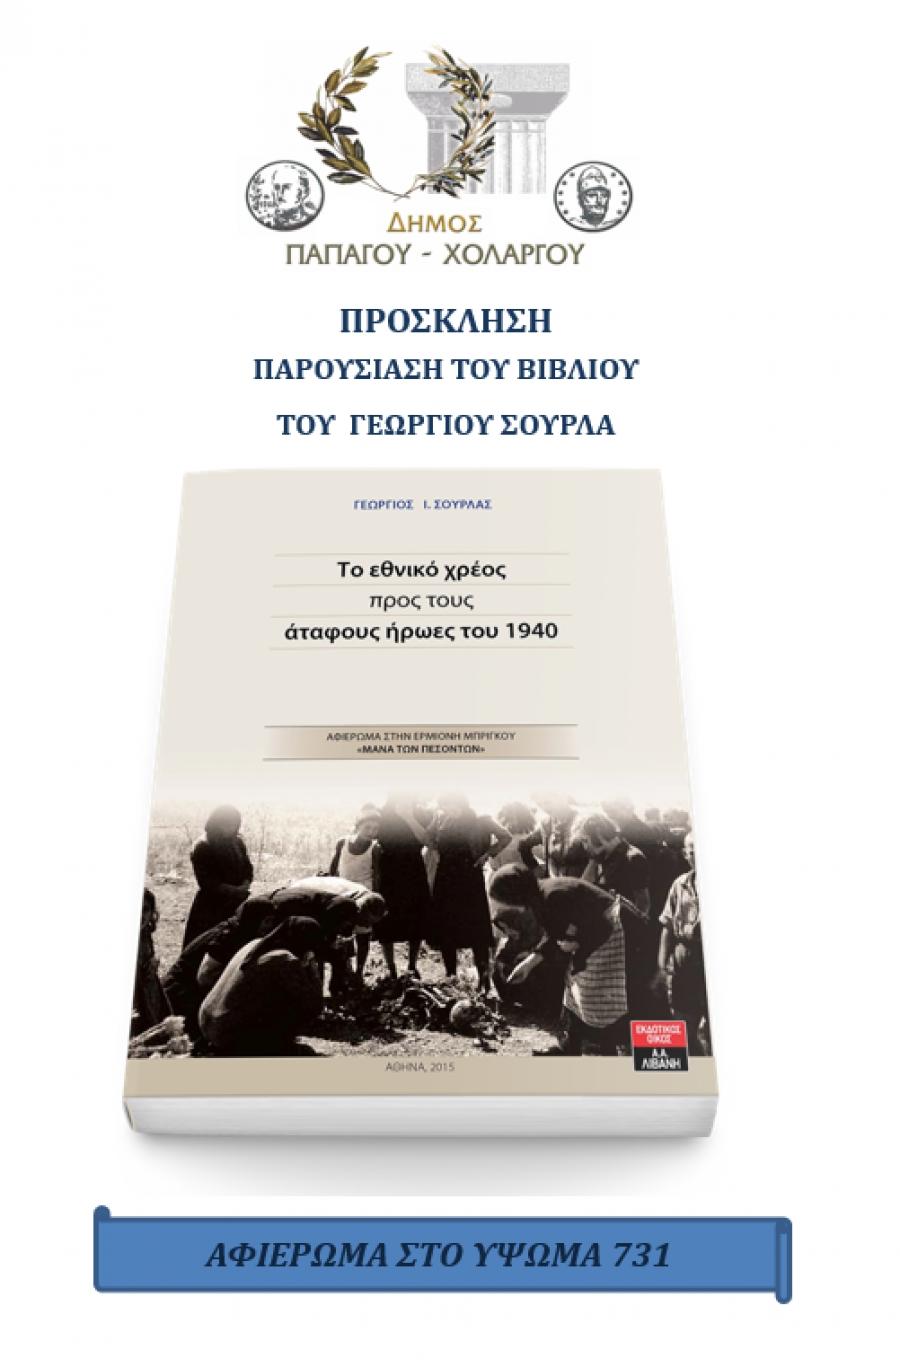 Παρουσίαση του βιβλίου του Γεώργιου Σούρλα σήμερα